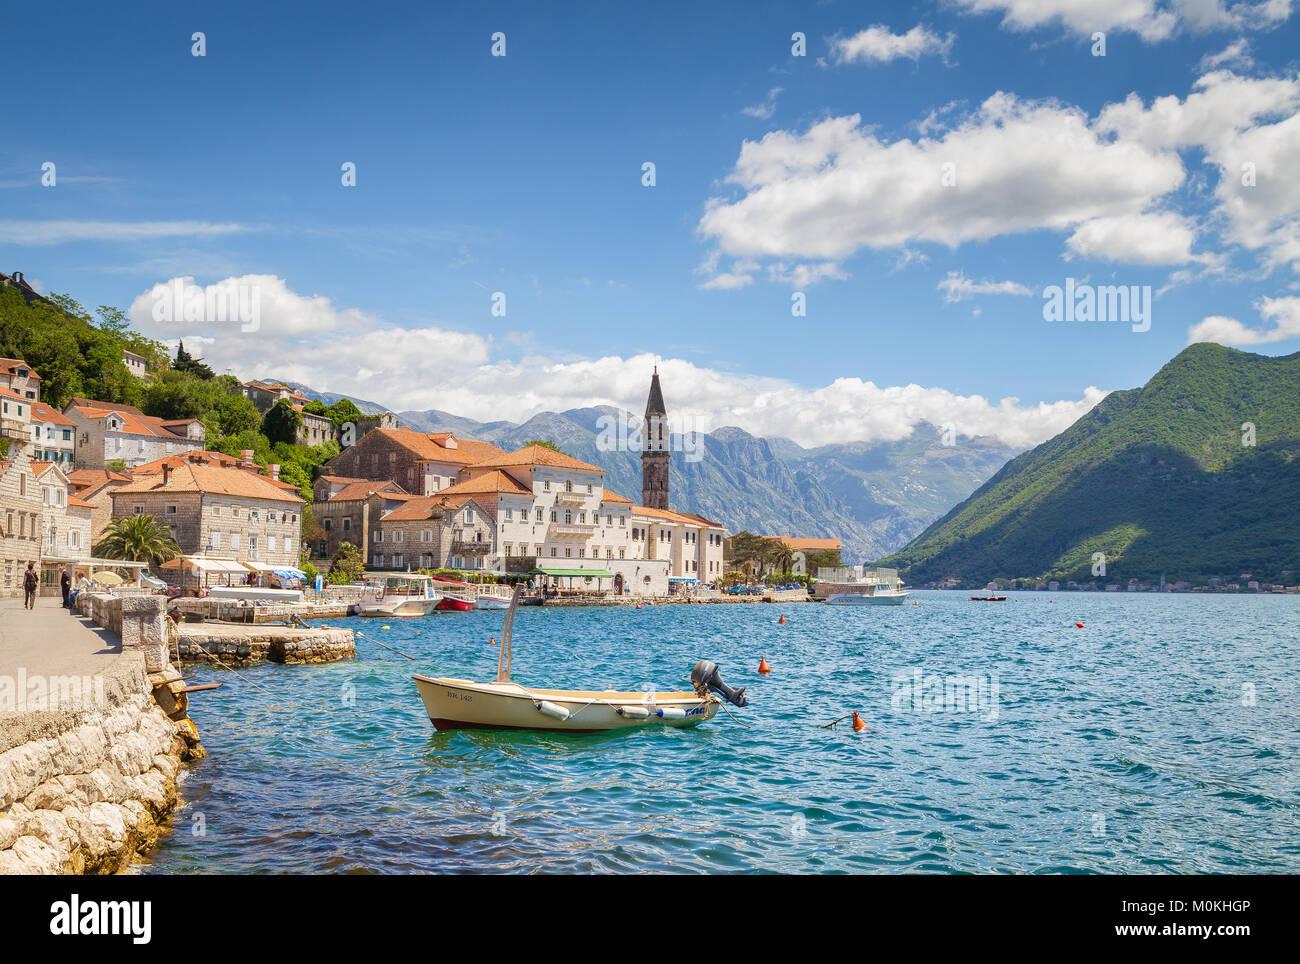 Vista clásica de la ciudad histórica de Perast situado en la mundialmente famosa bahía de Kotor en un hermoso día soleado de verano, Montenegro, Sur de Europa Foto de stock